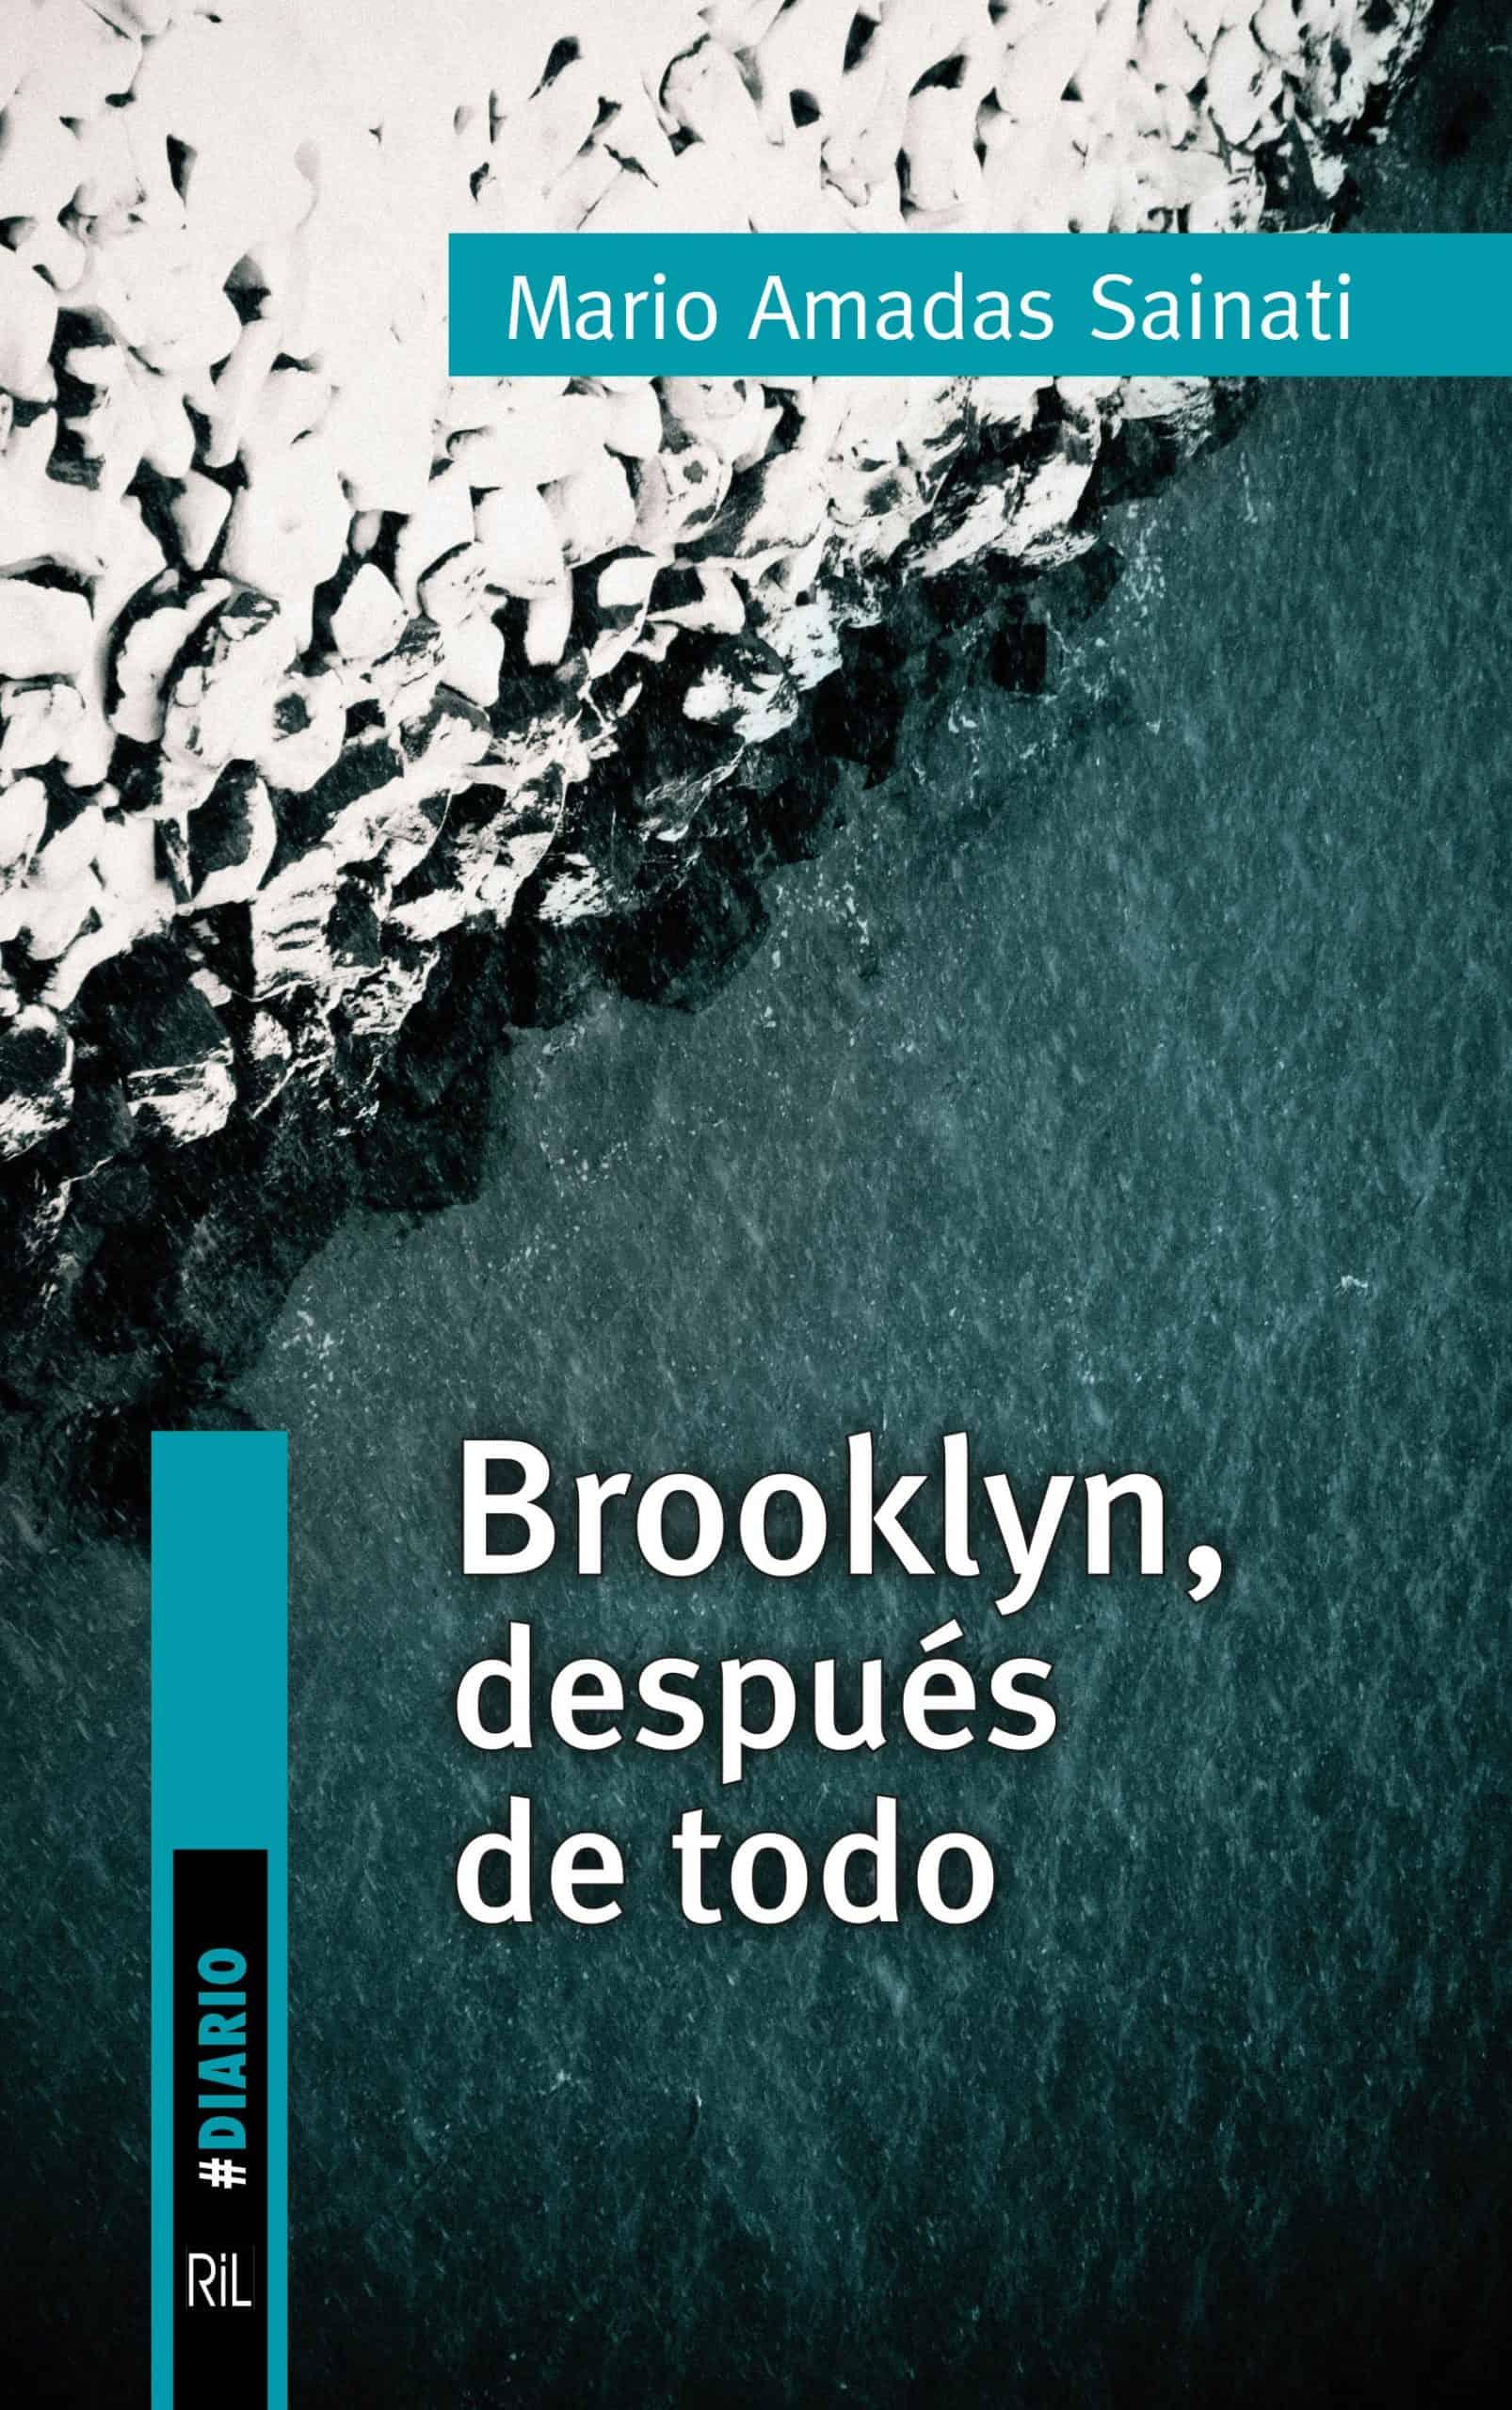 Amadas - Brooklyn